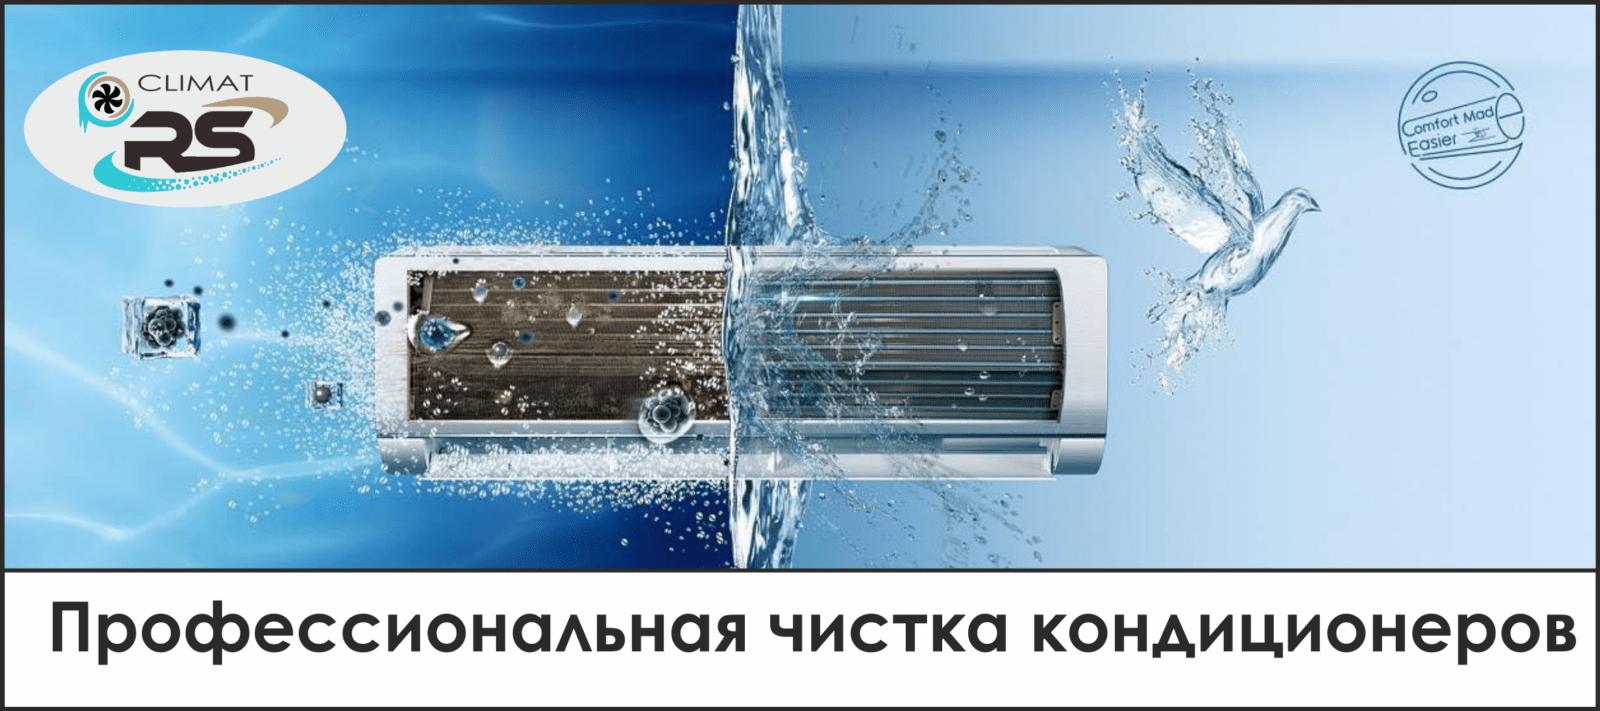 Чистка и обслуживание кондиционерjв ClimatRS